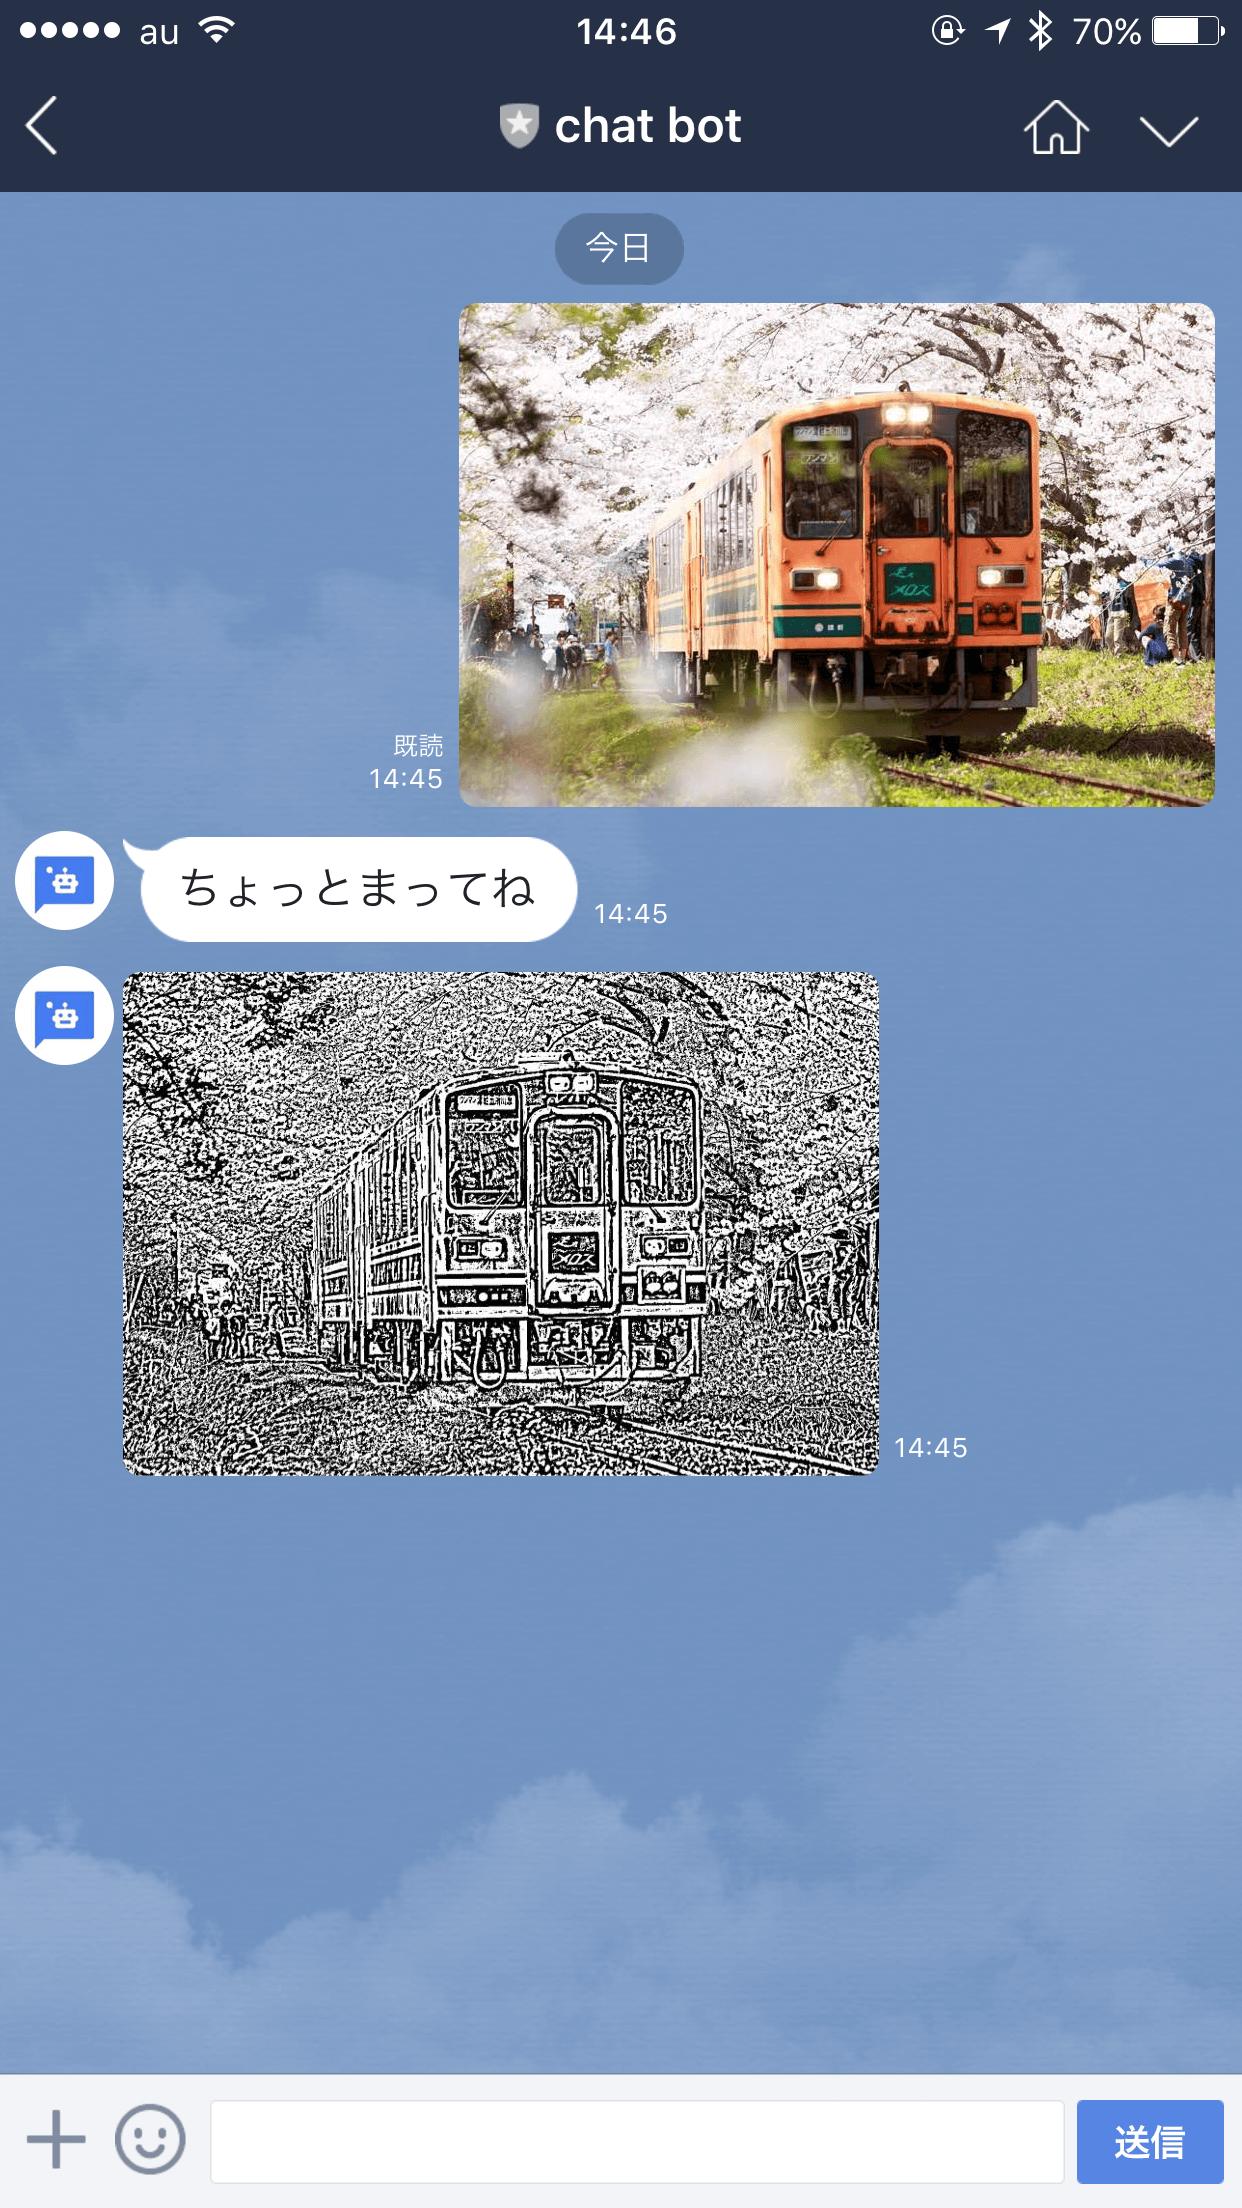 43cf3360 5bf9 402e 8544 b1f1286c8255